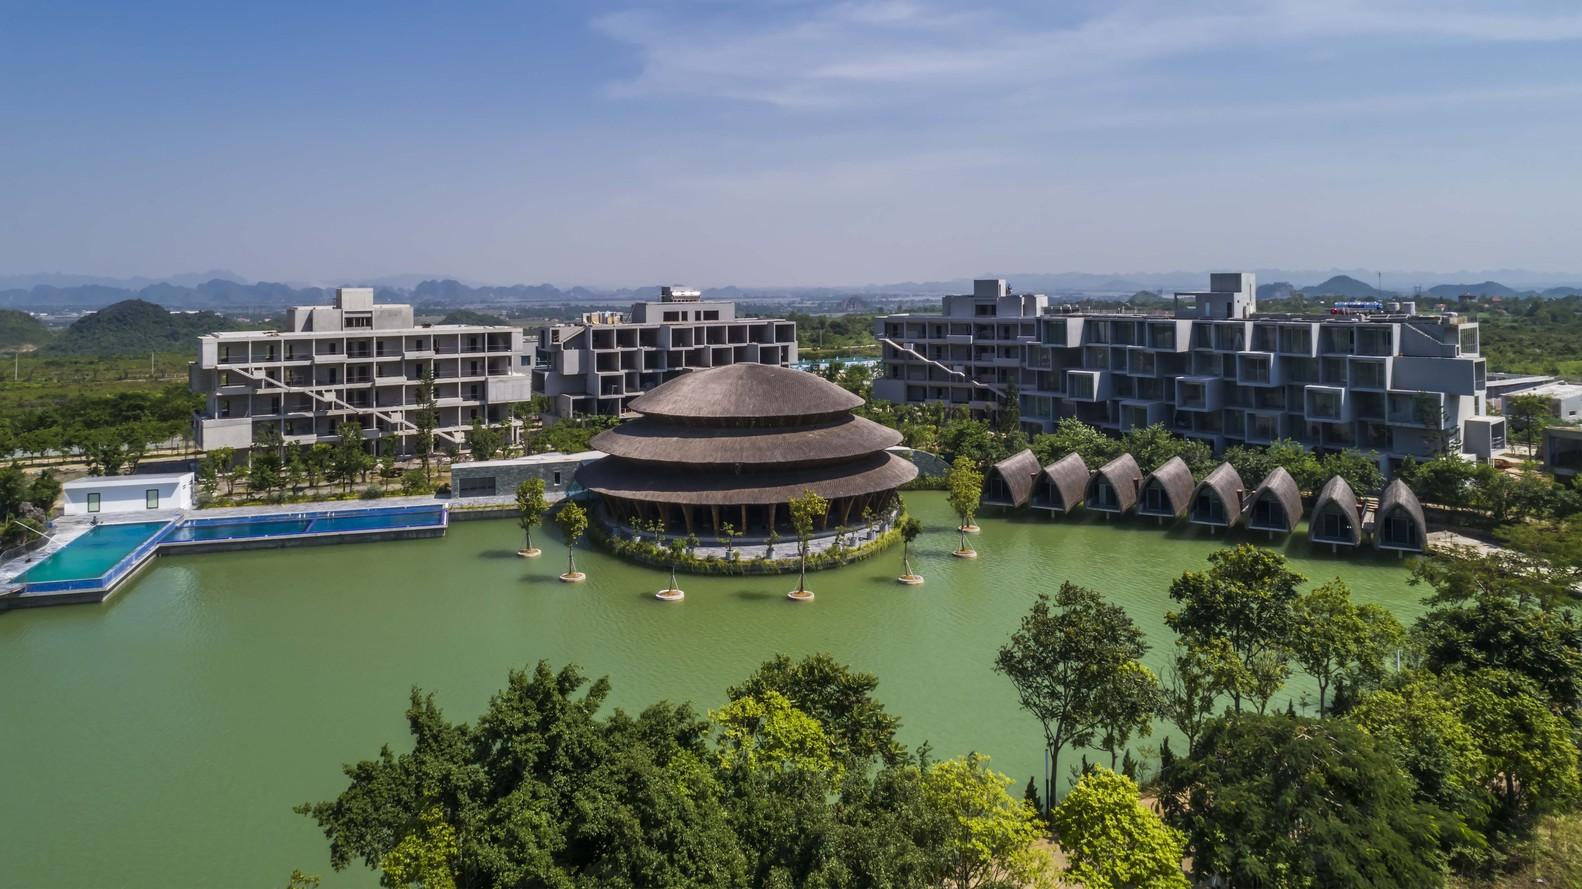 Mái nhà hàng tre hình tròn 3 tầng, rộng 1.050m2, được ghép từ 2 mái hình vành khuyên xếp chồng lên nhau và 1 mái vòm trên cùng.